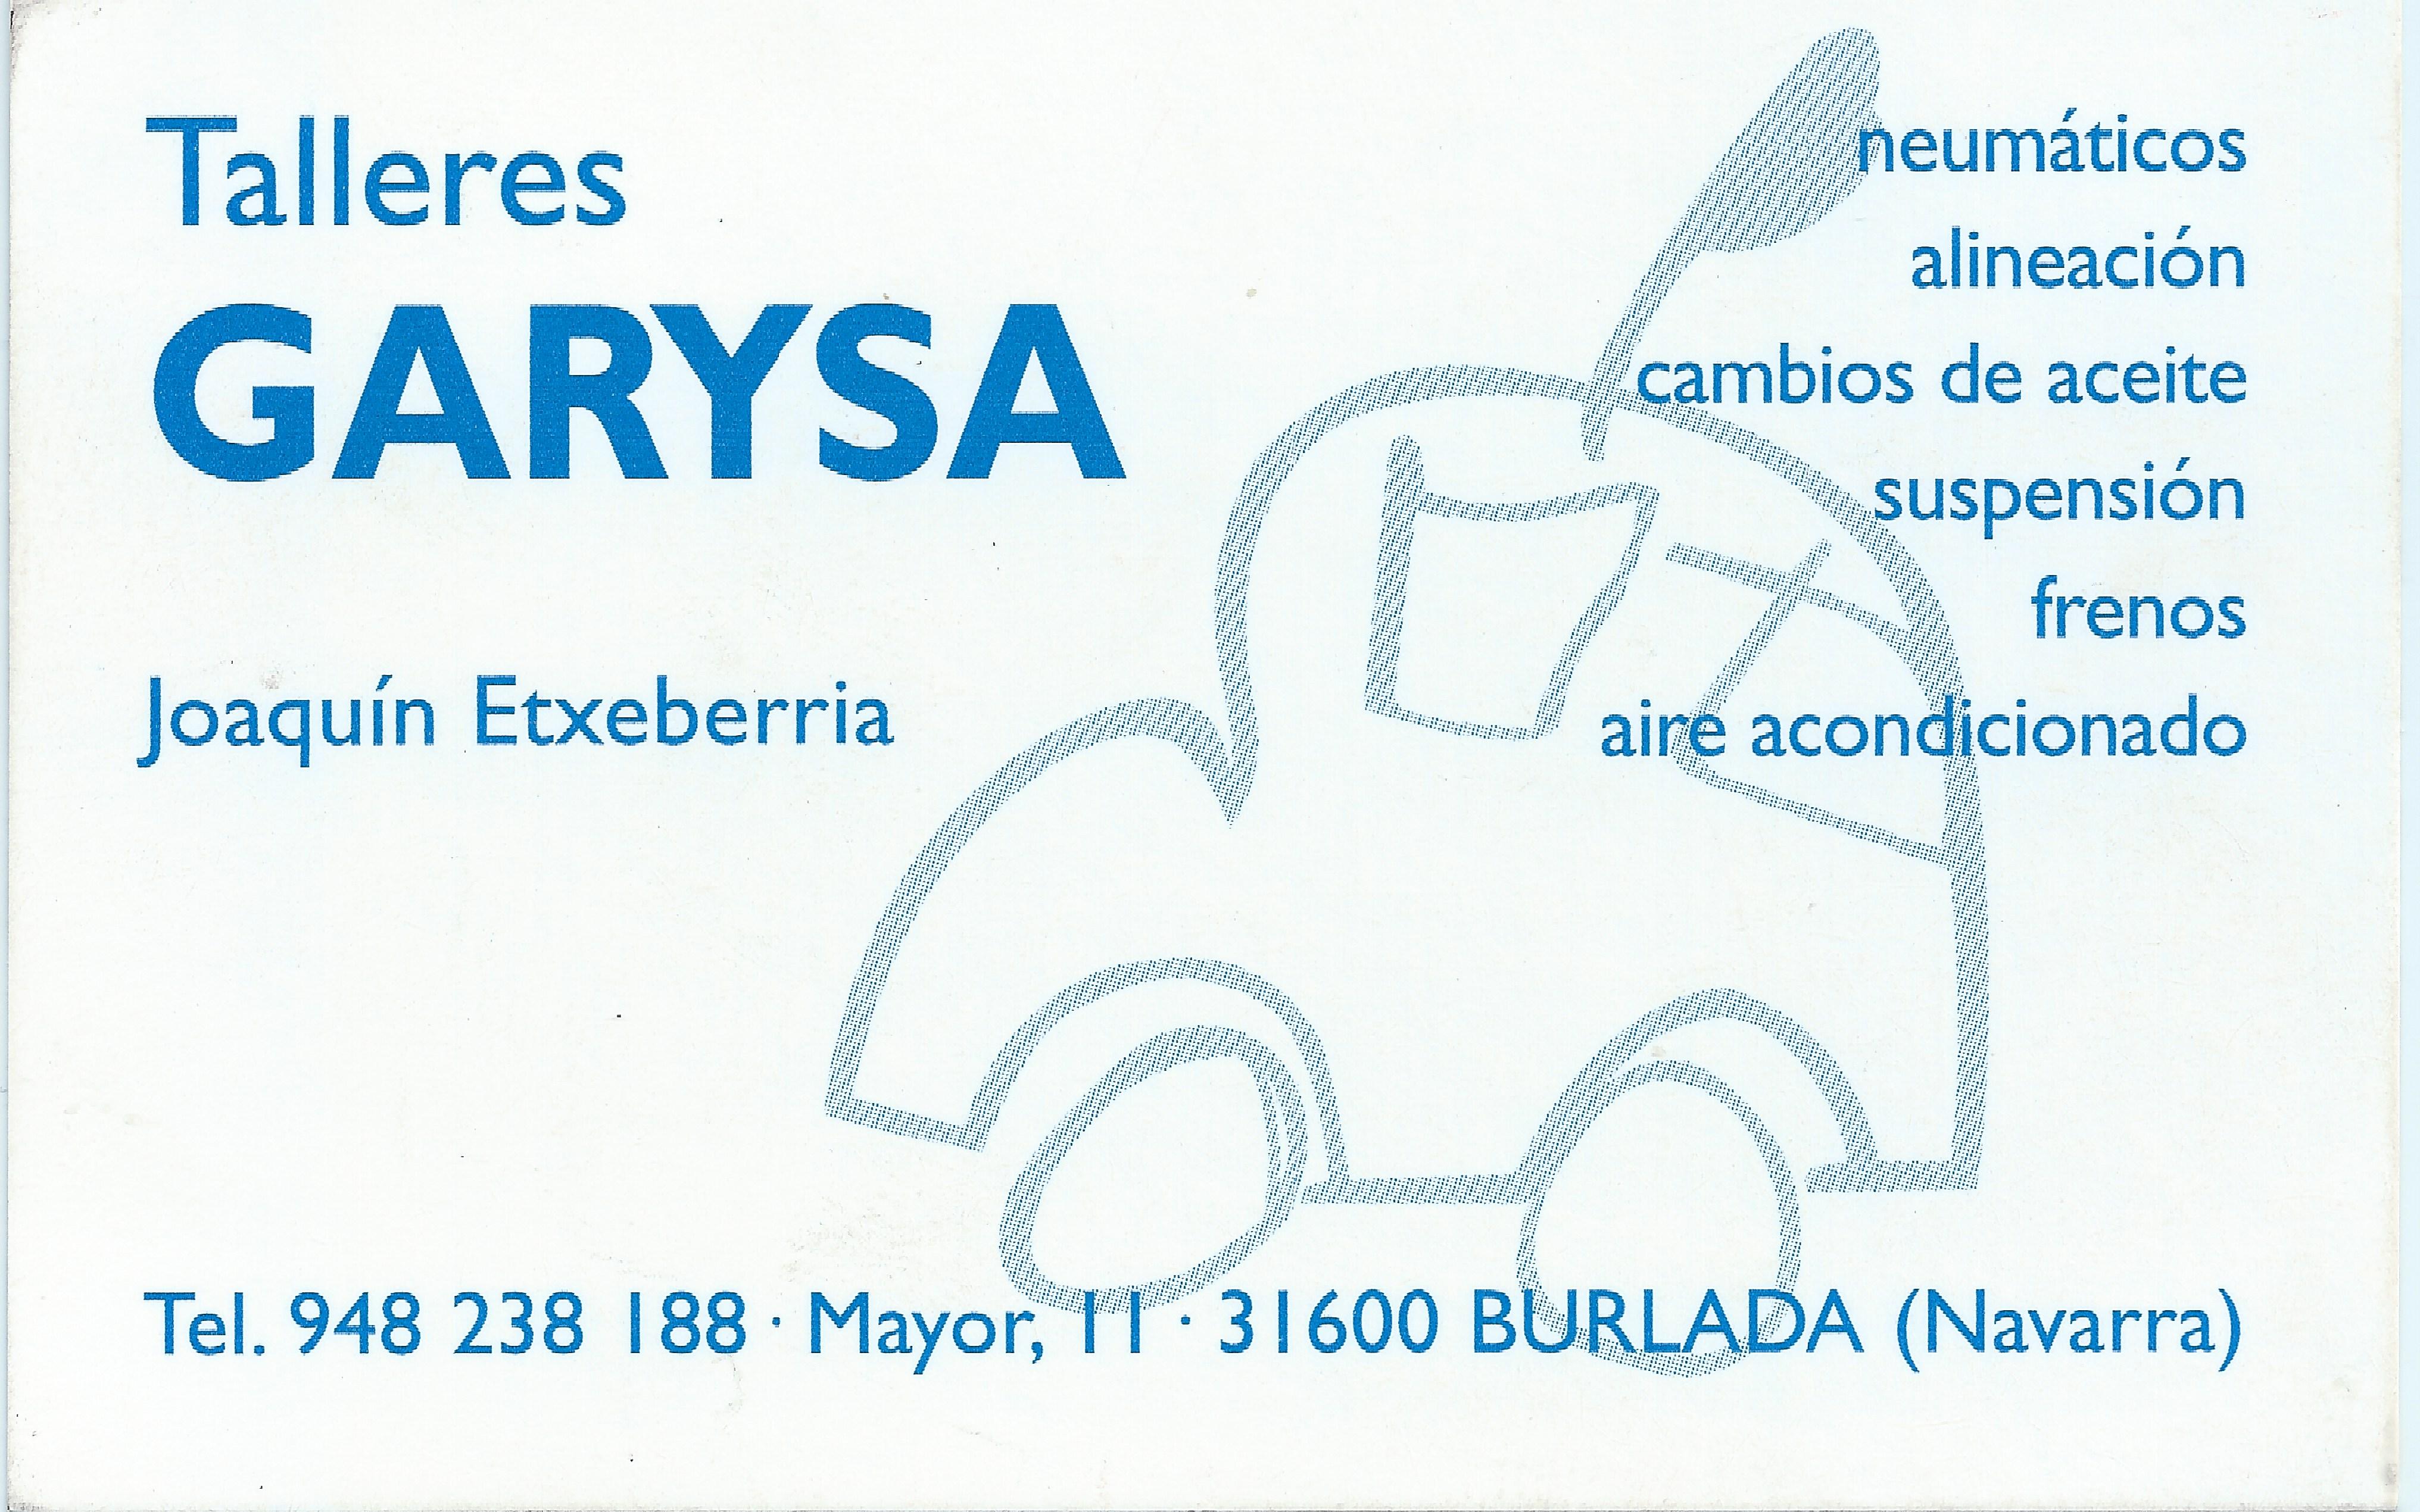 Talleres Garysa